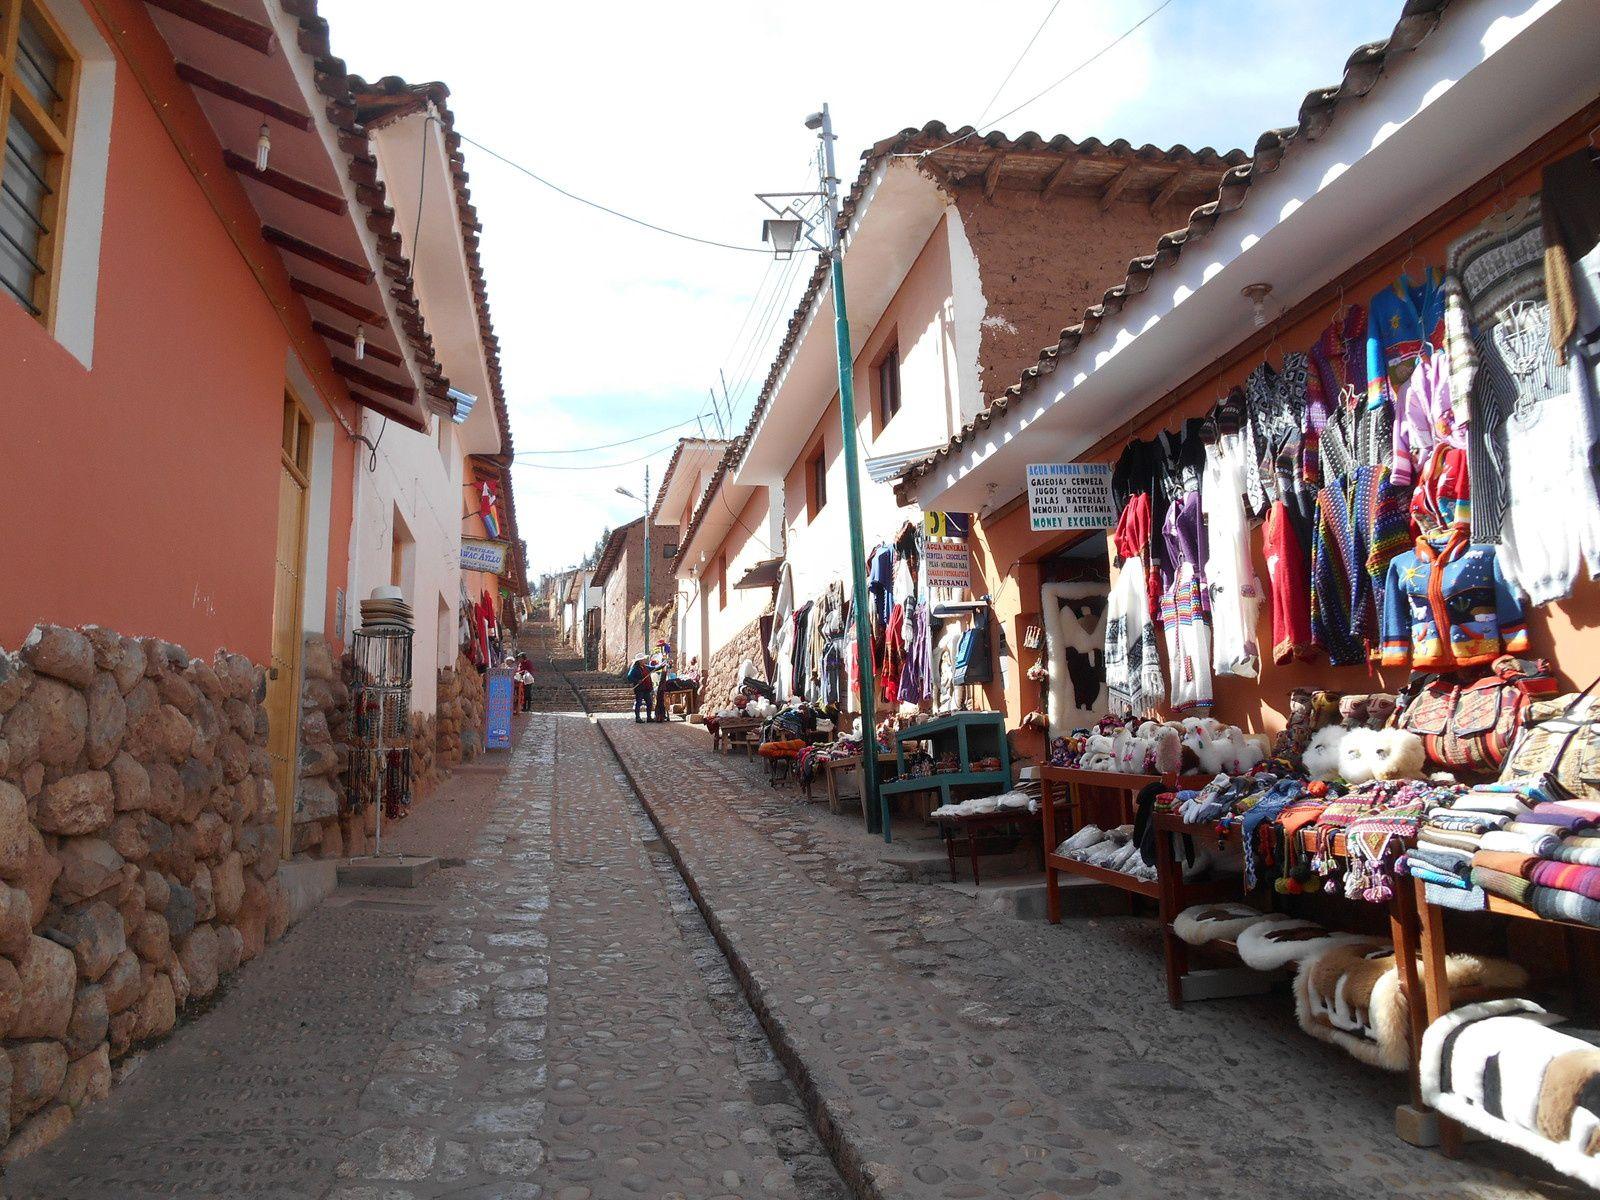 Montée vers la place centrale par ces petites ruelles bordées d'échopes artisanales...